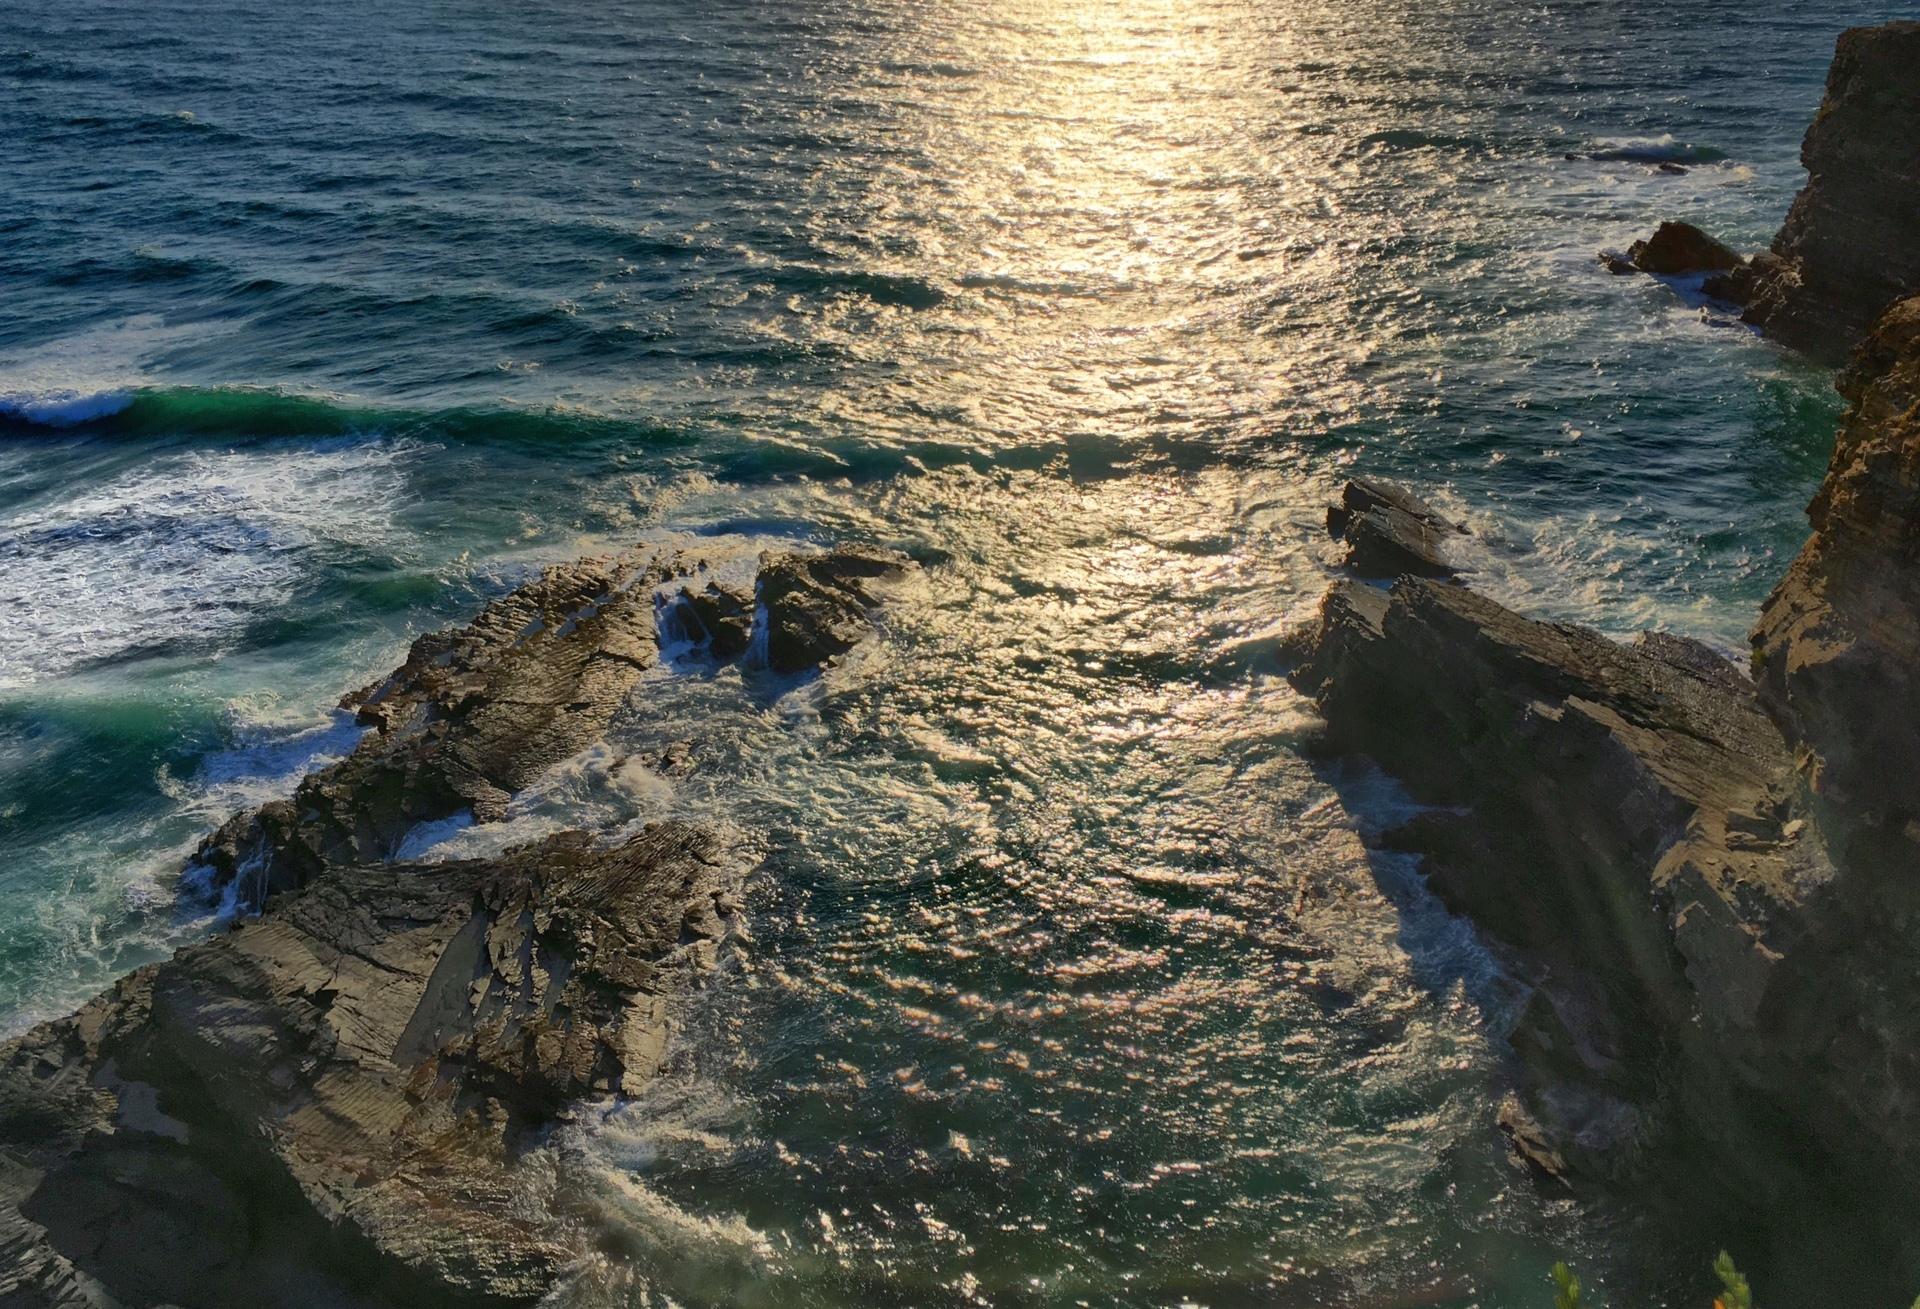 Sea  | scenic, sunset, rock, landscape